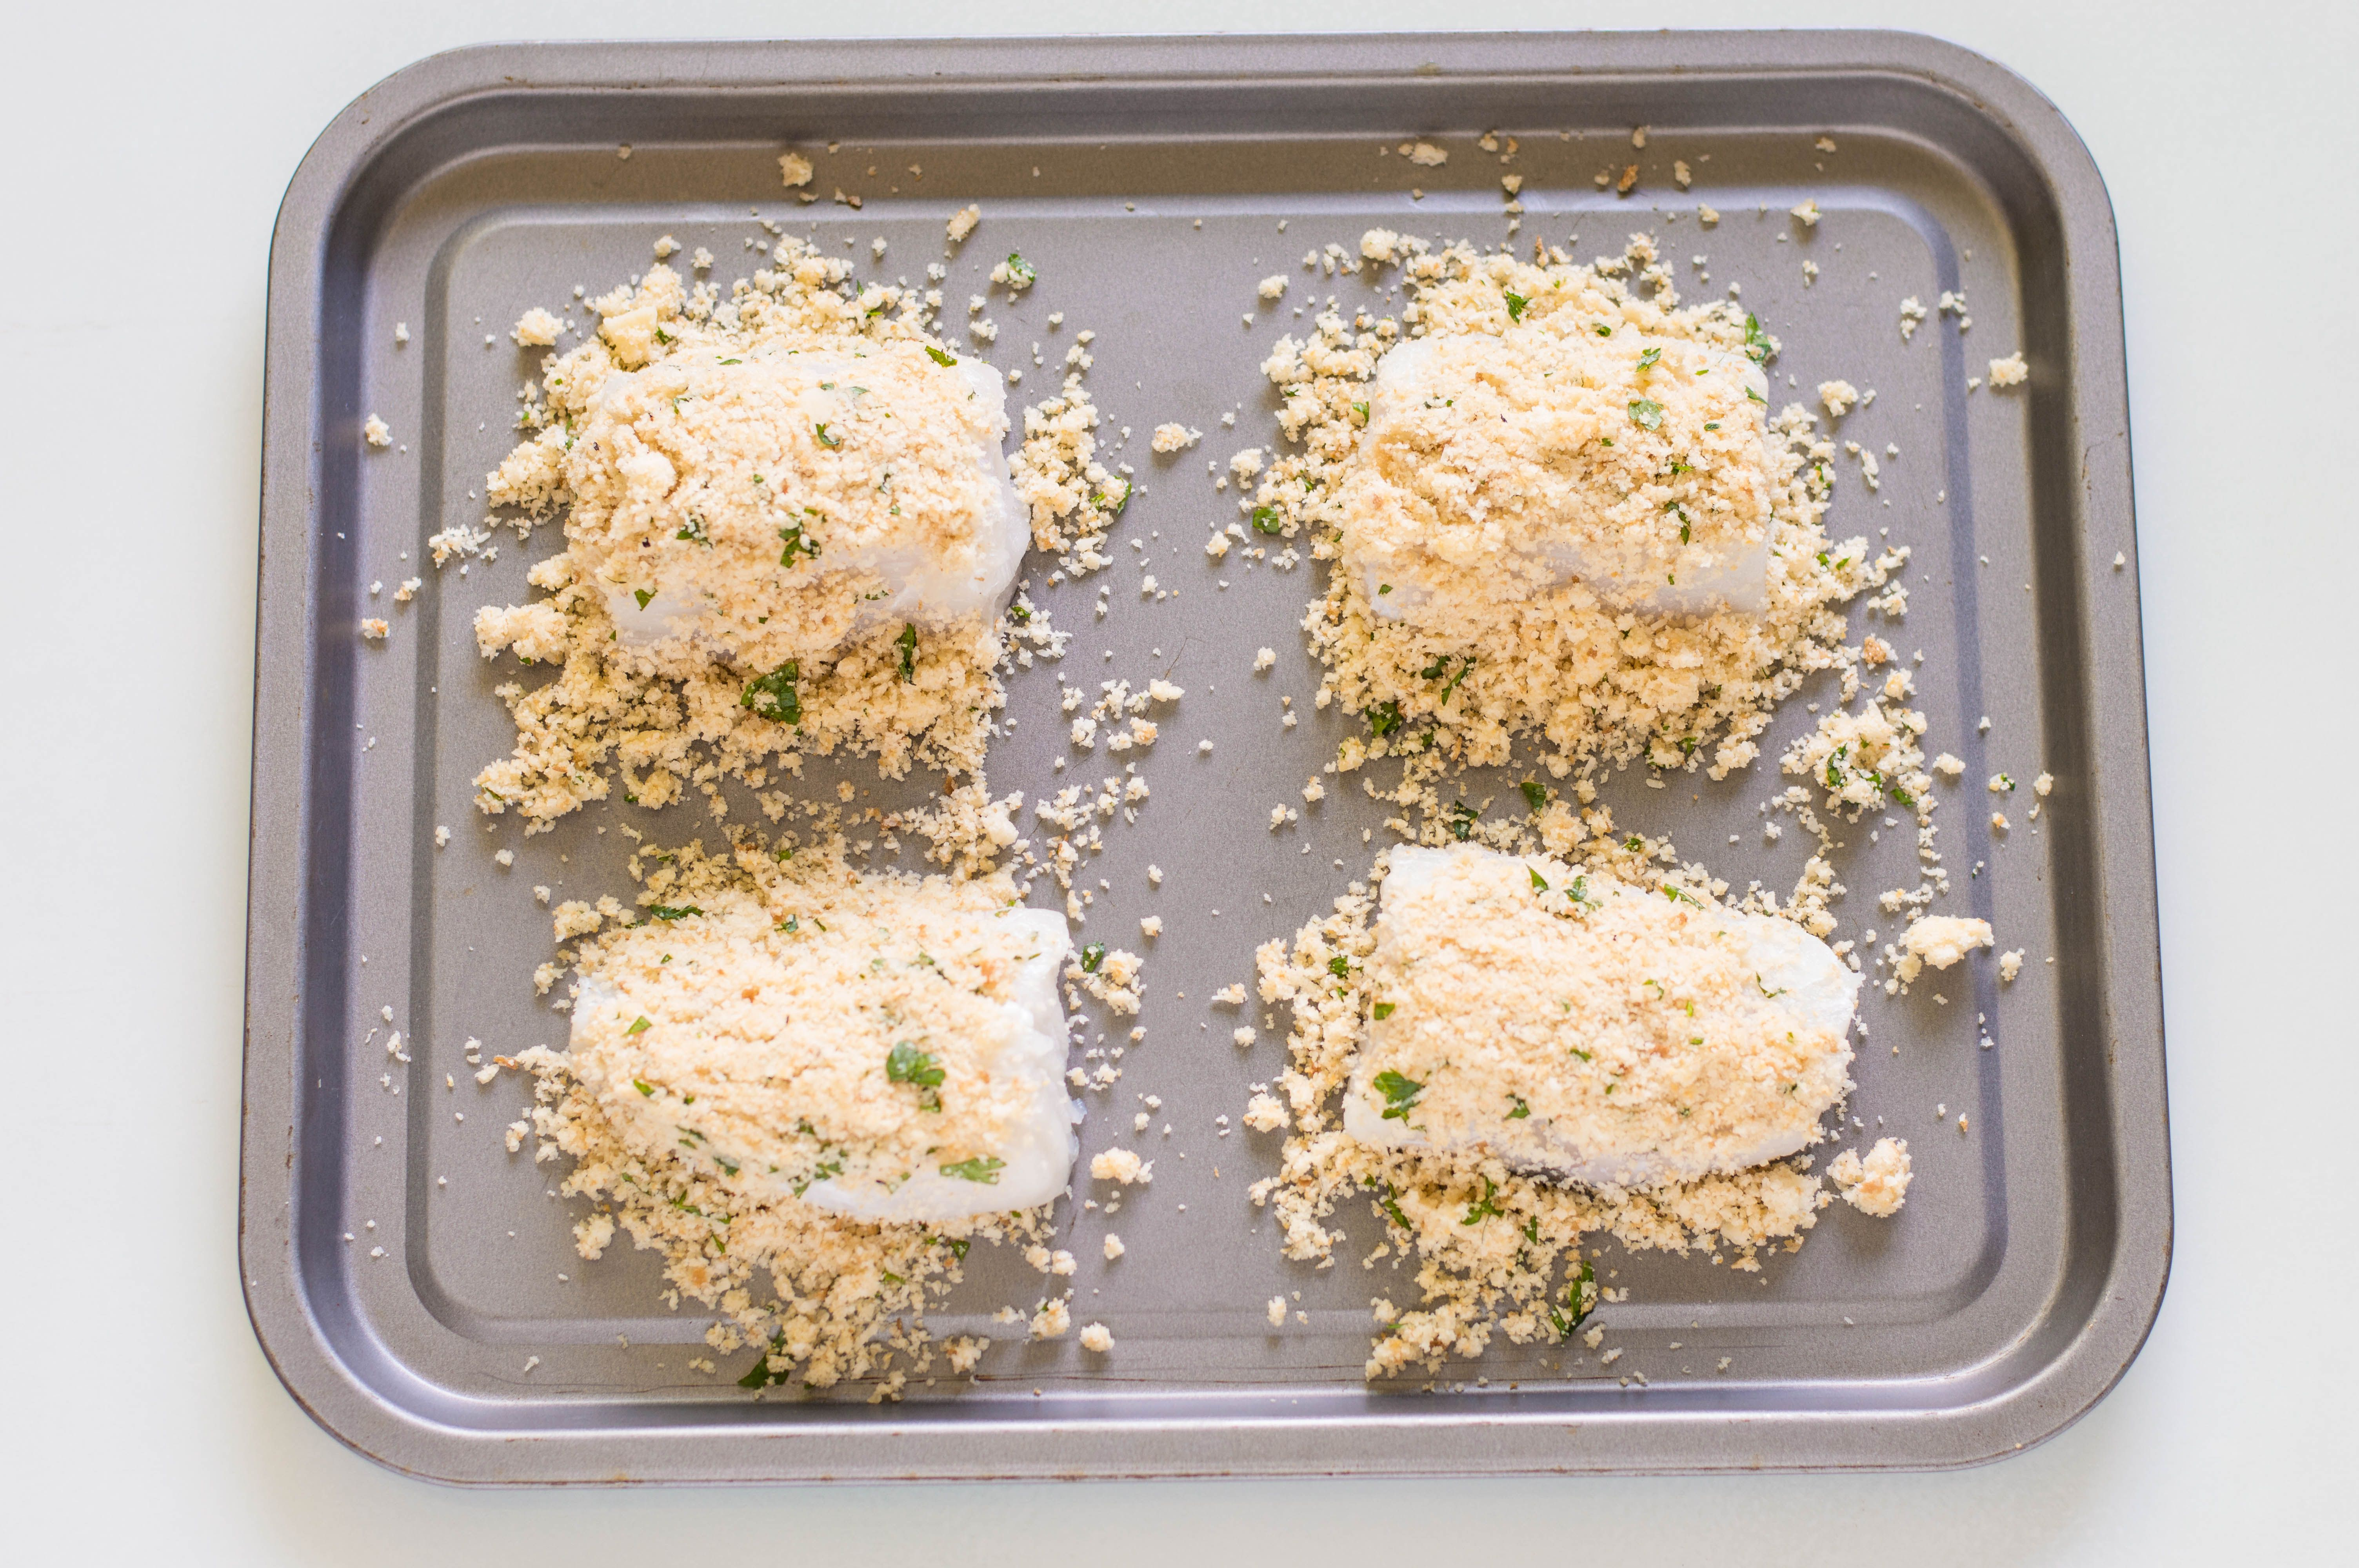 Breadcrumbs sprinkled on halibut fillets on a rimmed baking sheet